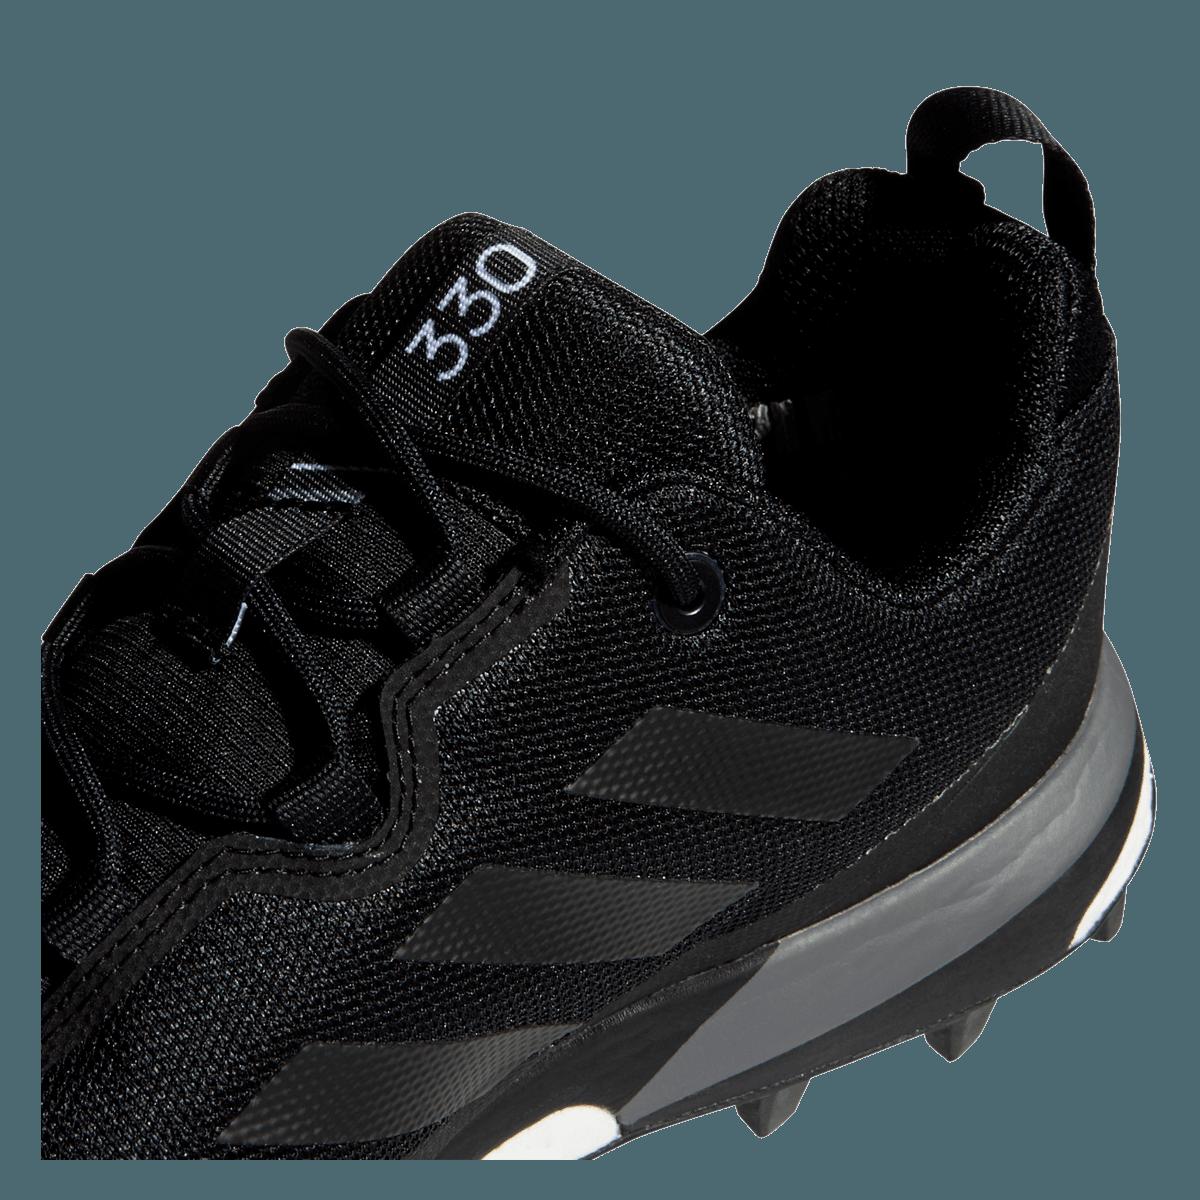 adidas Terrex Skychaser LT cipő feketefehér